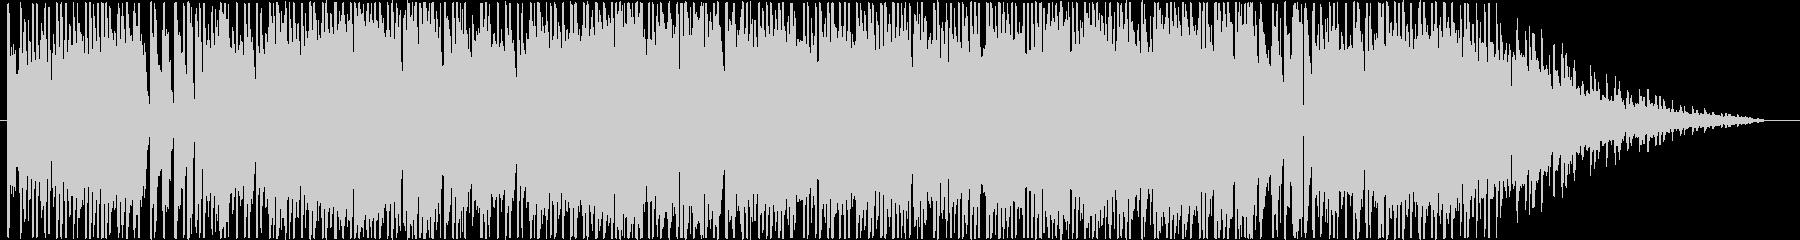 シューティングゲーム風BGMの未再生の波形